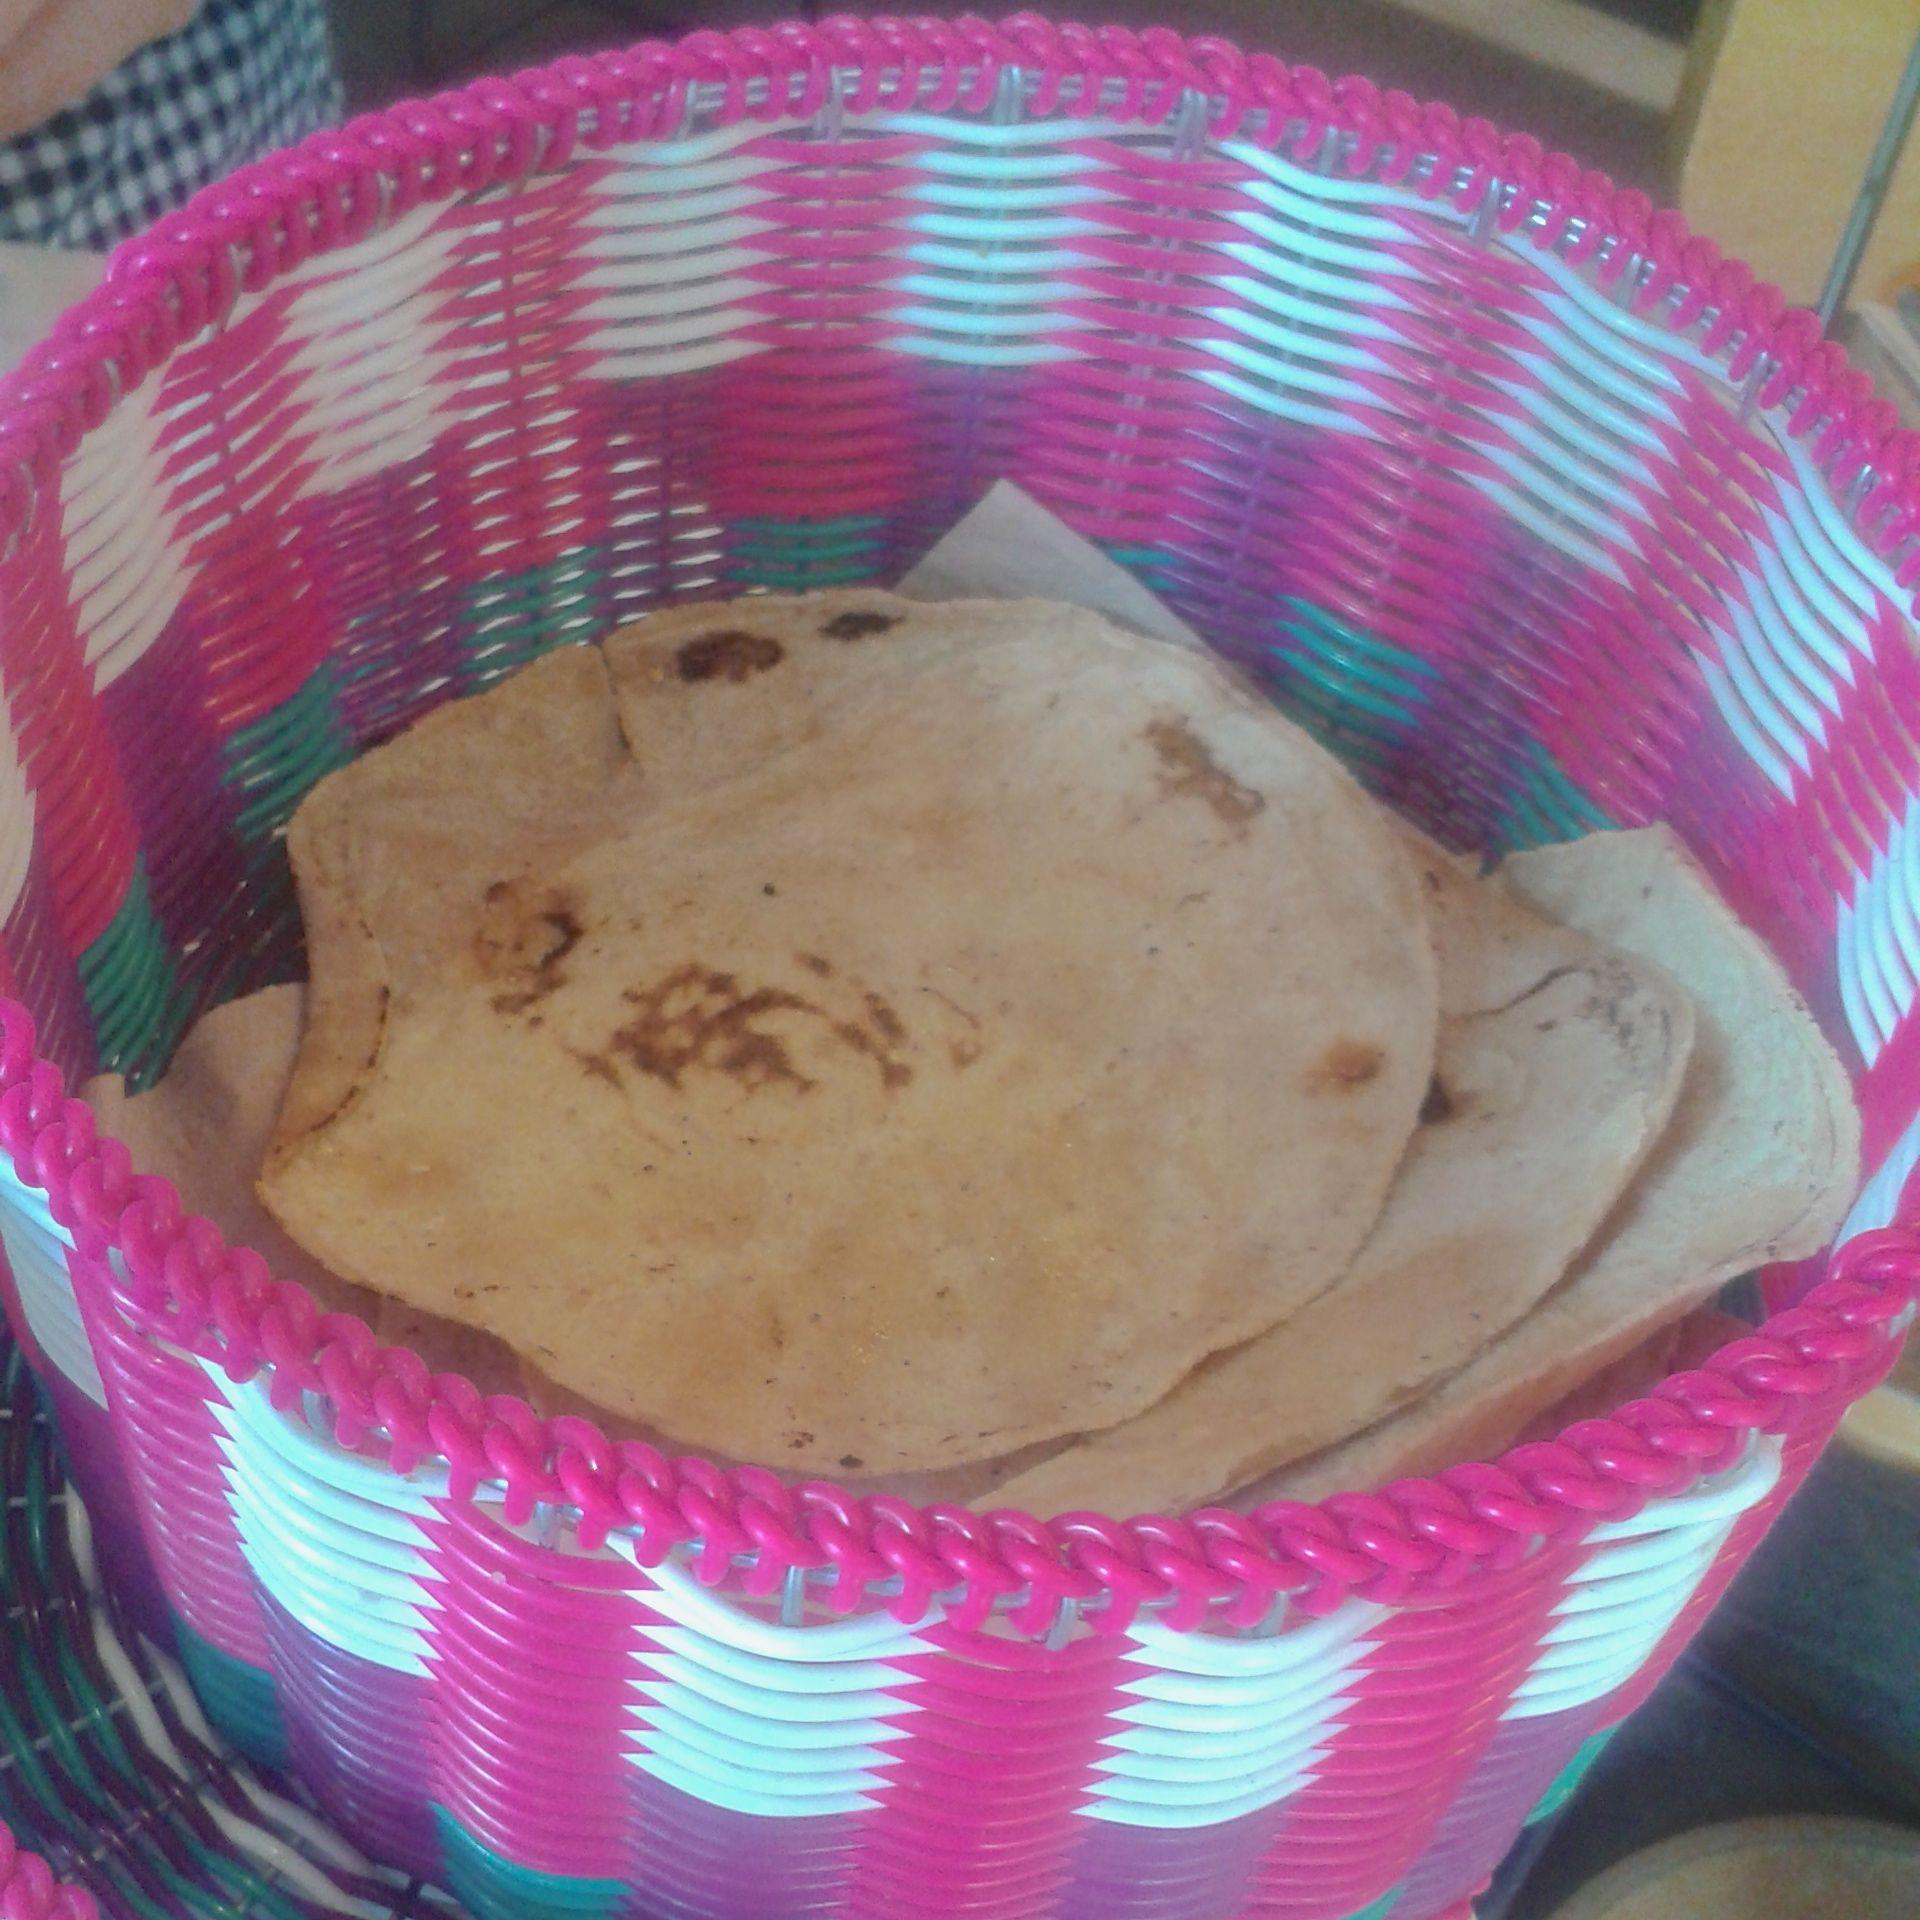 https://i2.wp.com/fatgayvegan.com/wp-content/uploads/2014/03/tortillas.jpg?fit=1920%2C1920&ssl=1